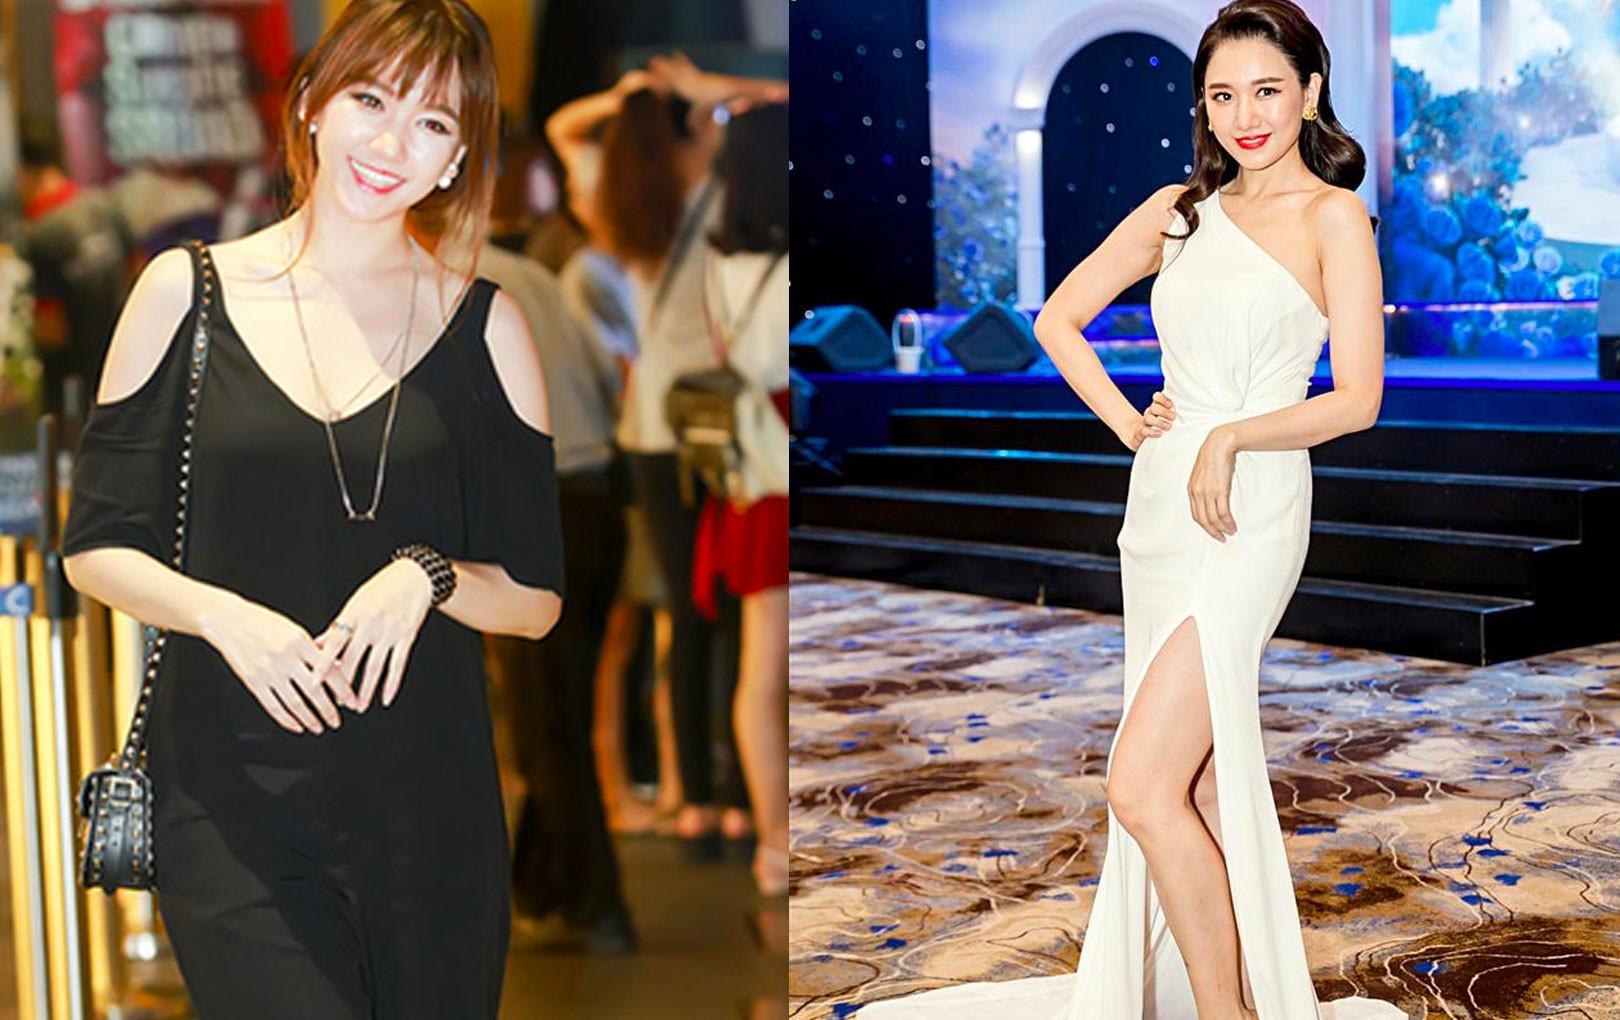 3 người đẹp Việt tiết lộ chế độ ăn giảm cân thành công, trong đó có một người giảm những 14kg chỉ vẻn vẹn 3 tháng